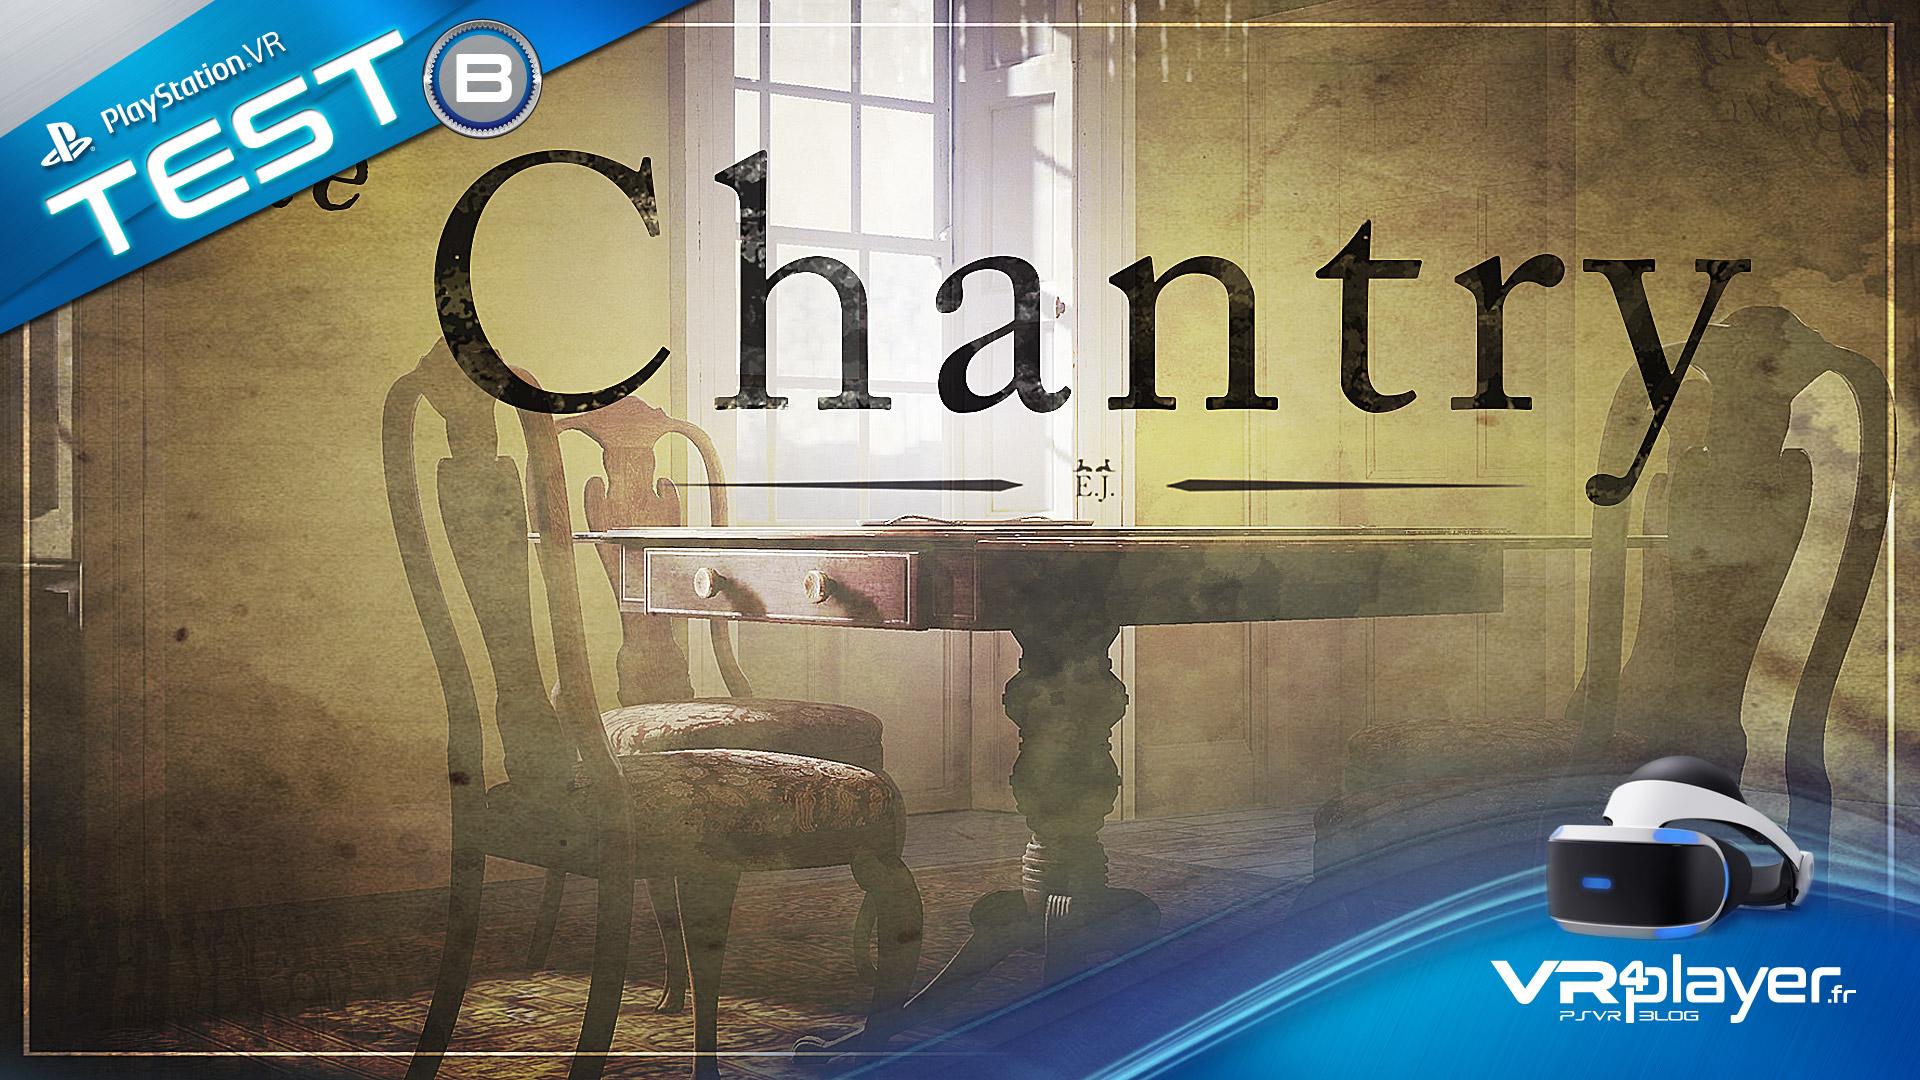 The Chantry sur PSVR testé par vr4player.fr